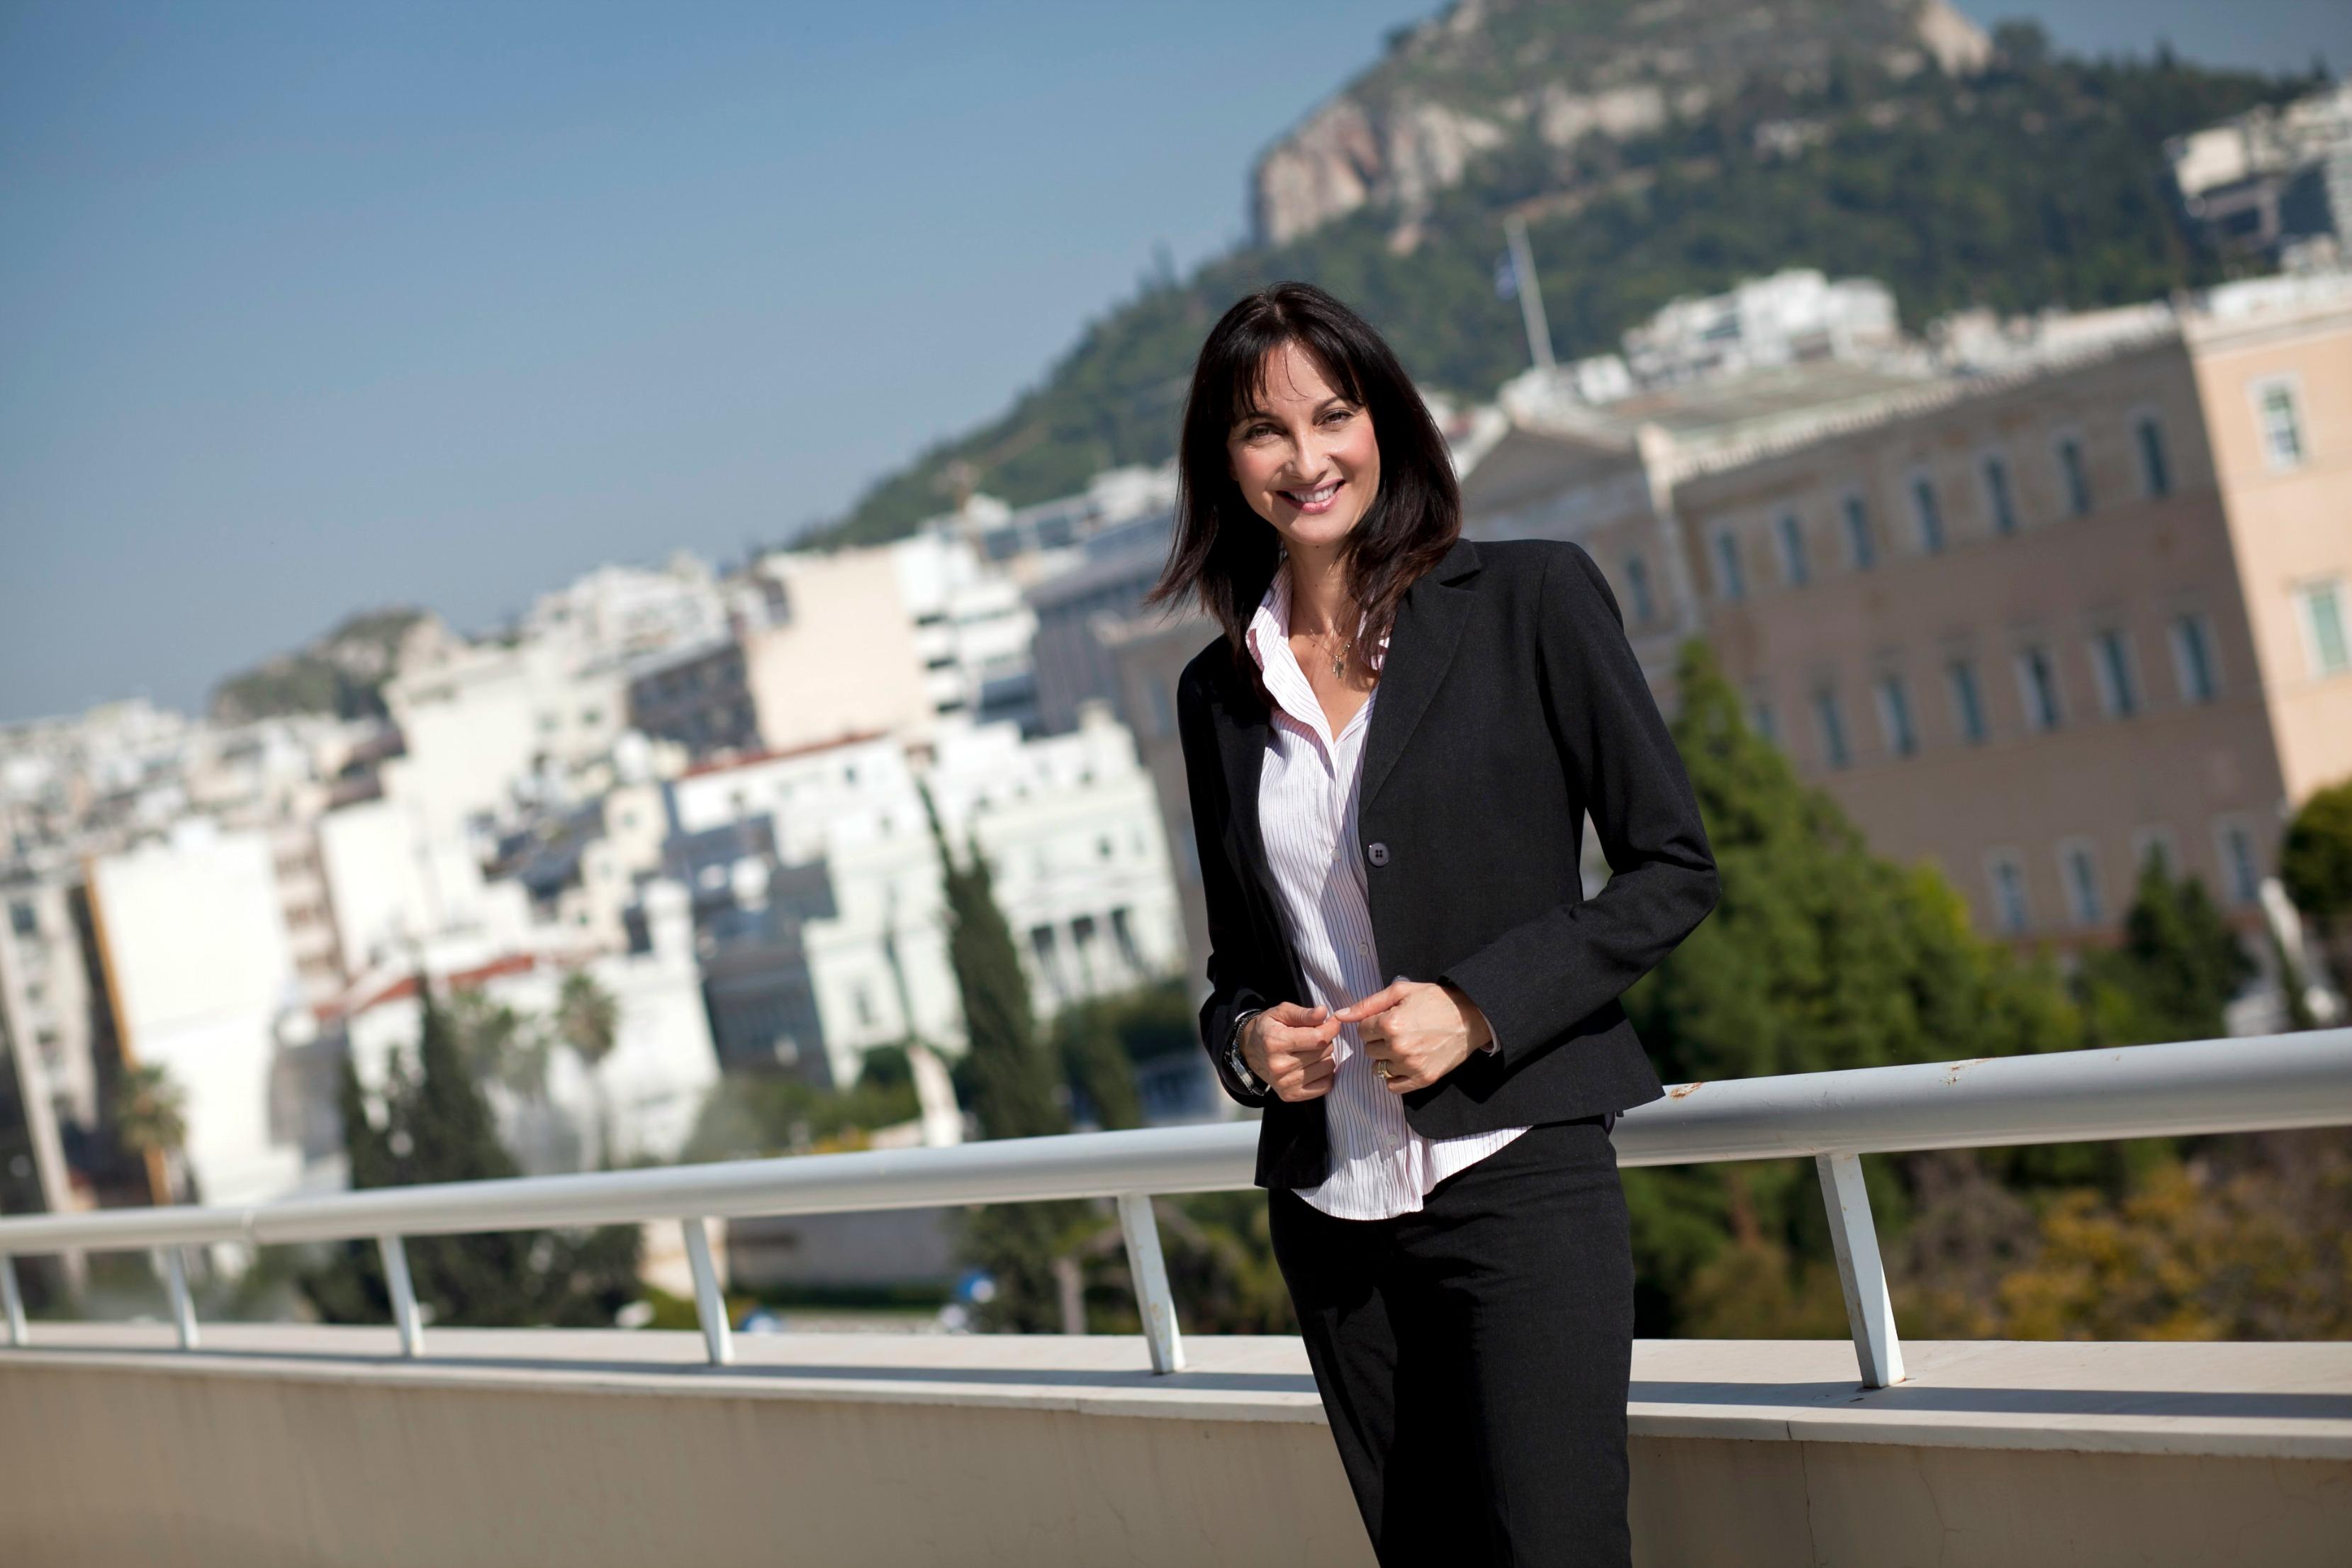 Η Έλενα Κουντουρά η καλύτερη επαγγελματίας στον τουρισμό